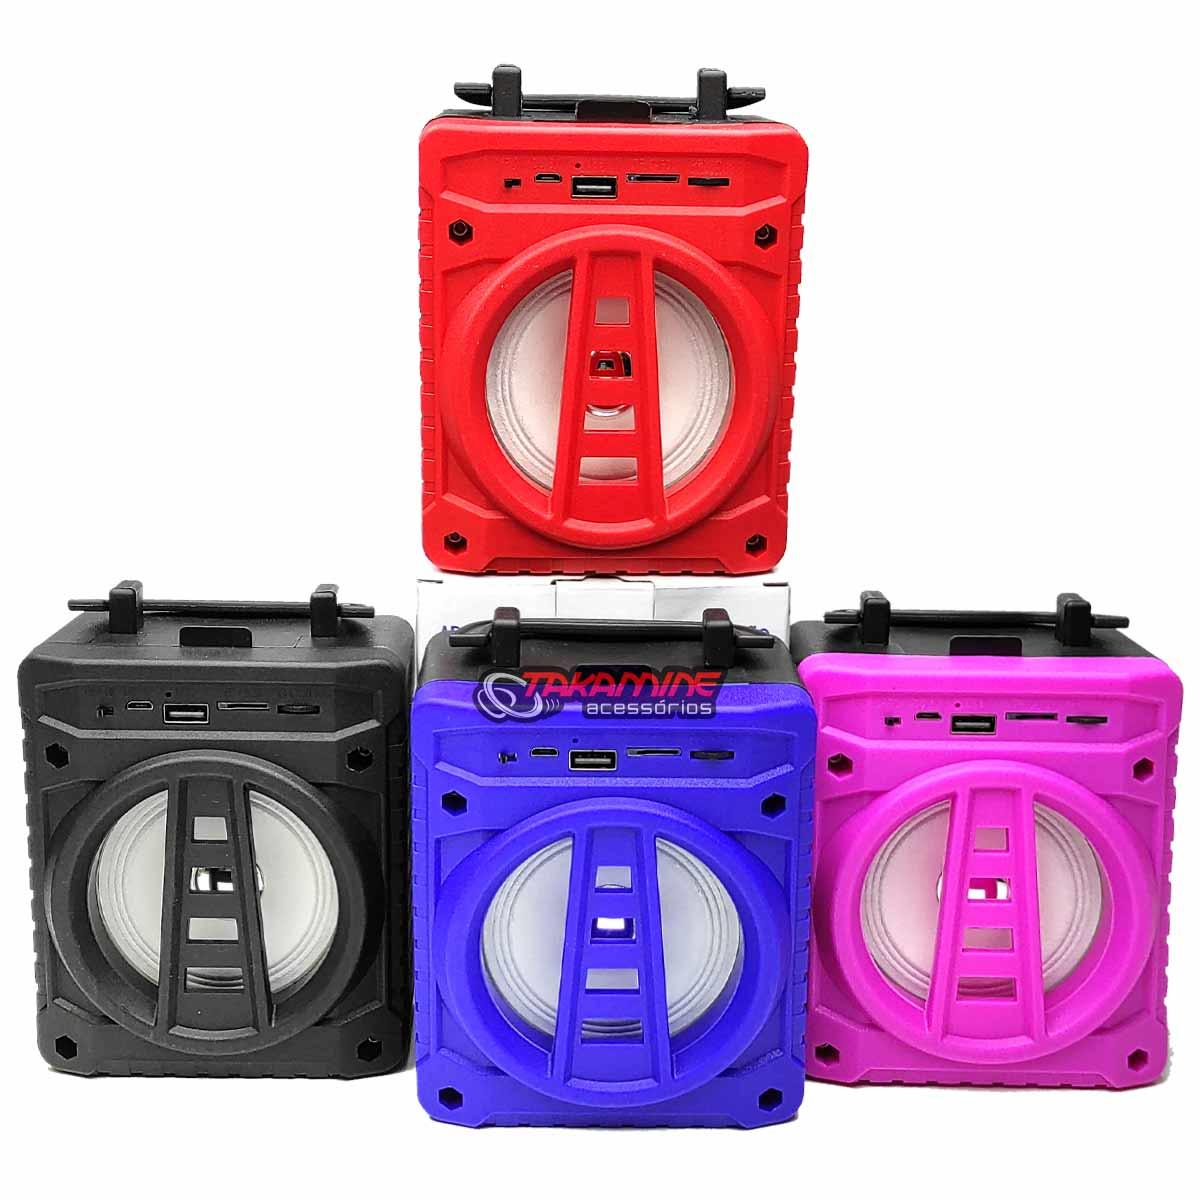 Caixa De Som Portátil com Bluetooth / Fm / entradas auxiliar, USB, SD Card e para microfone Grasep AL-301